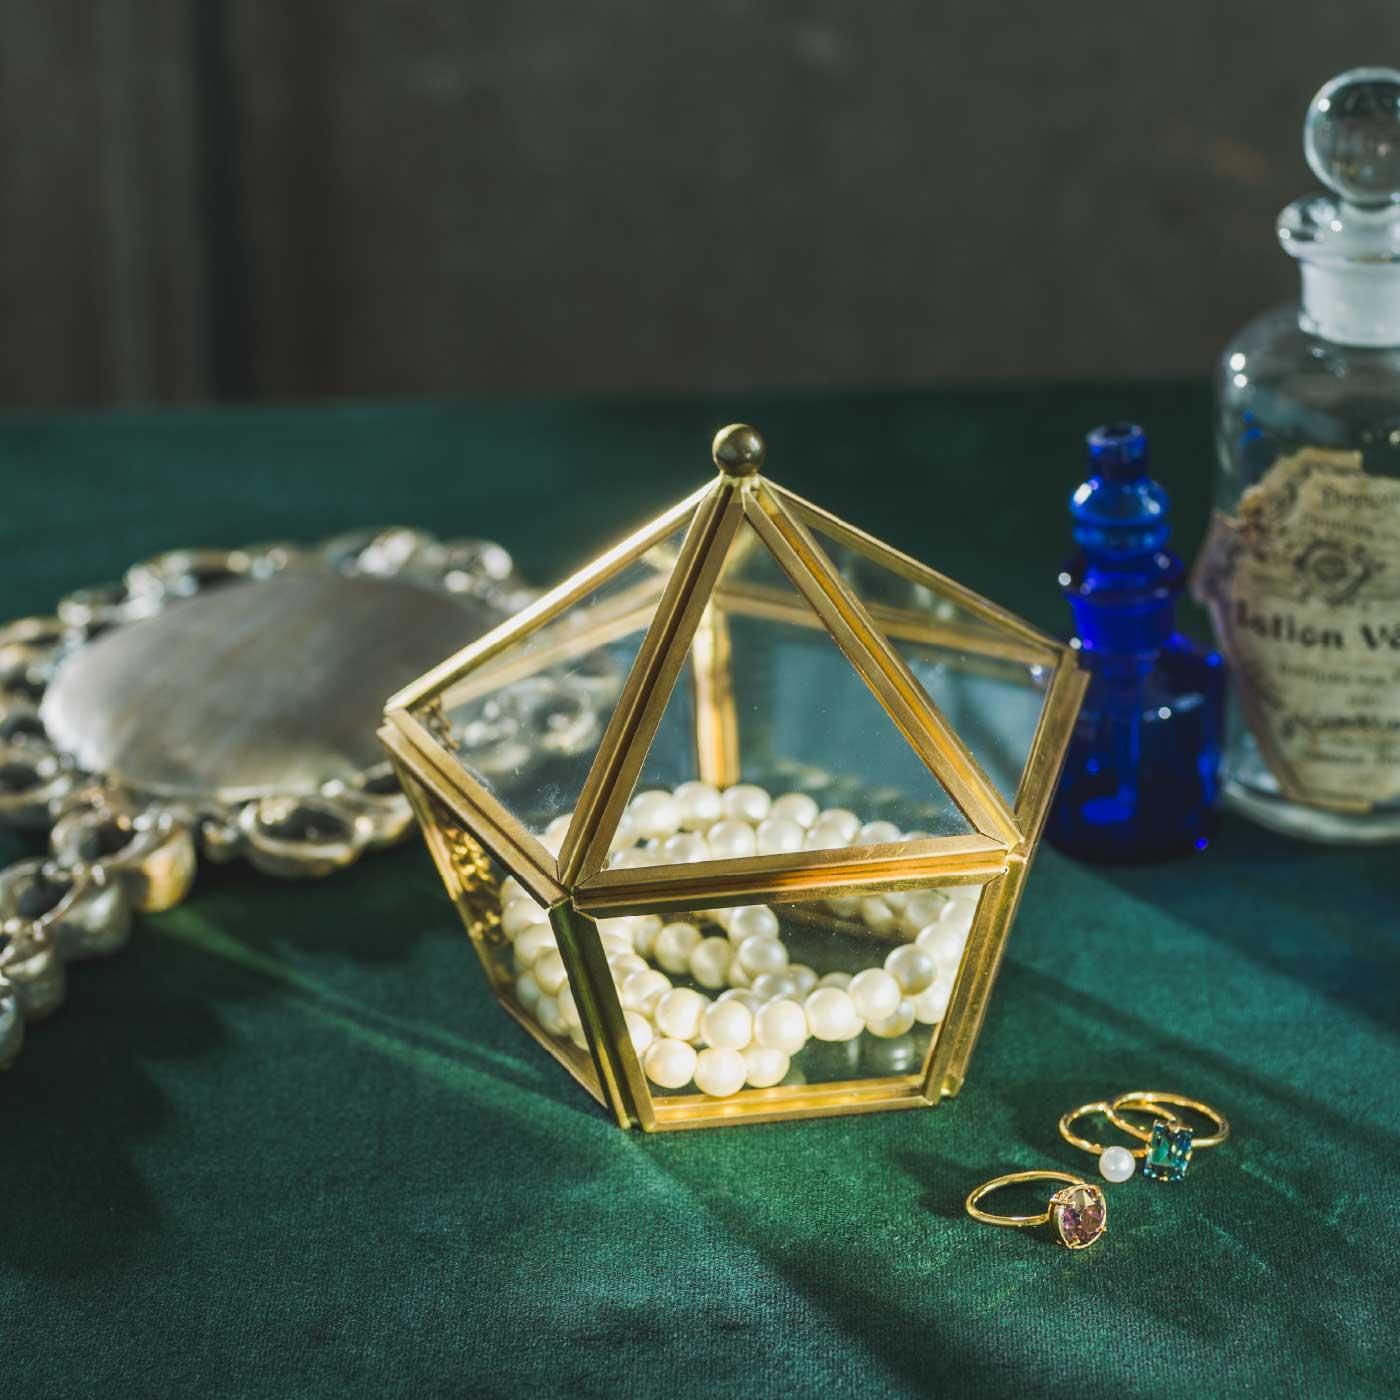 魔法部|魔法部ガラスの結界アクセサリーケース|ガラスで作った透明な結界。